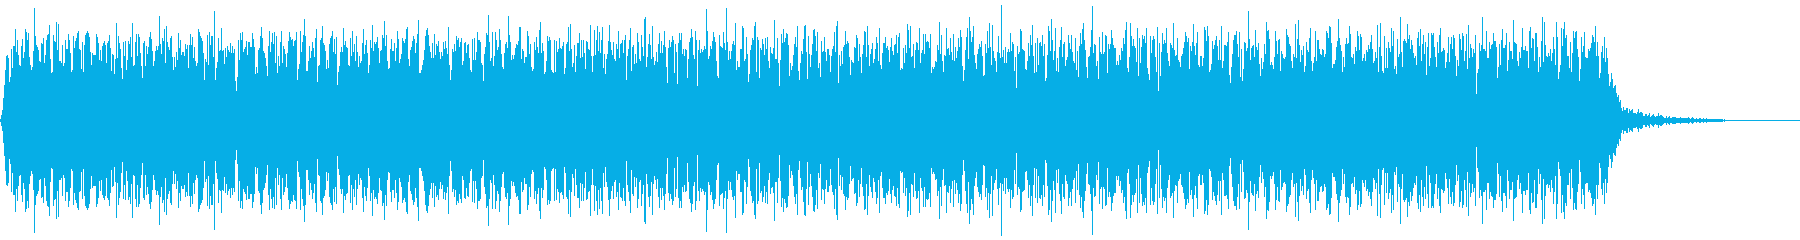 【アンビエント】ドローン_32 実験音の再生済みの波形